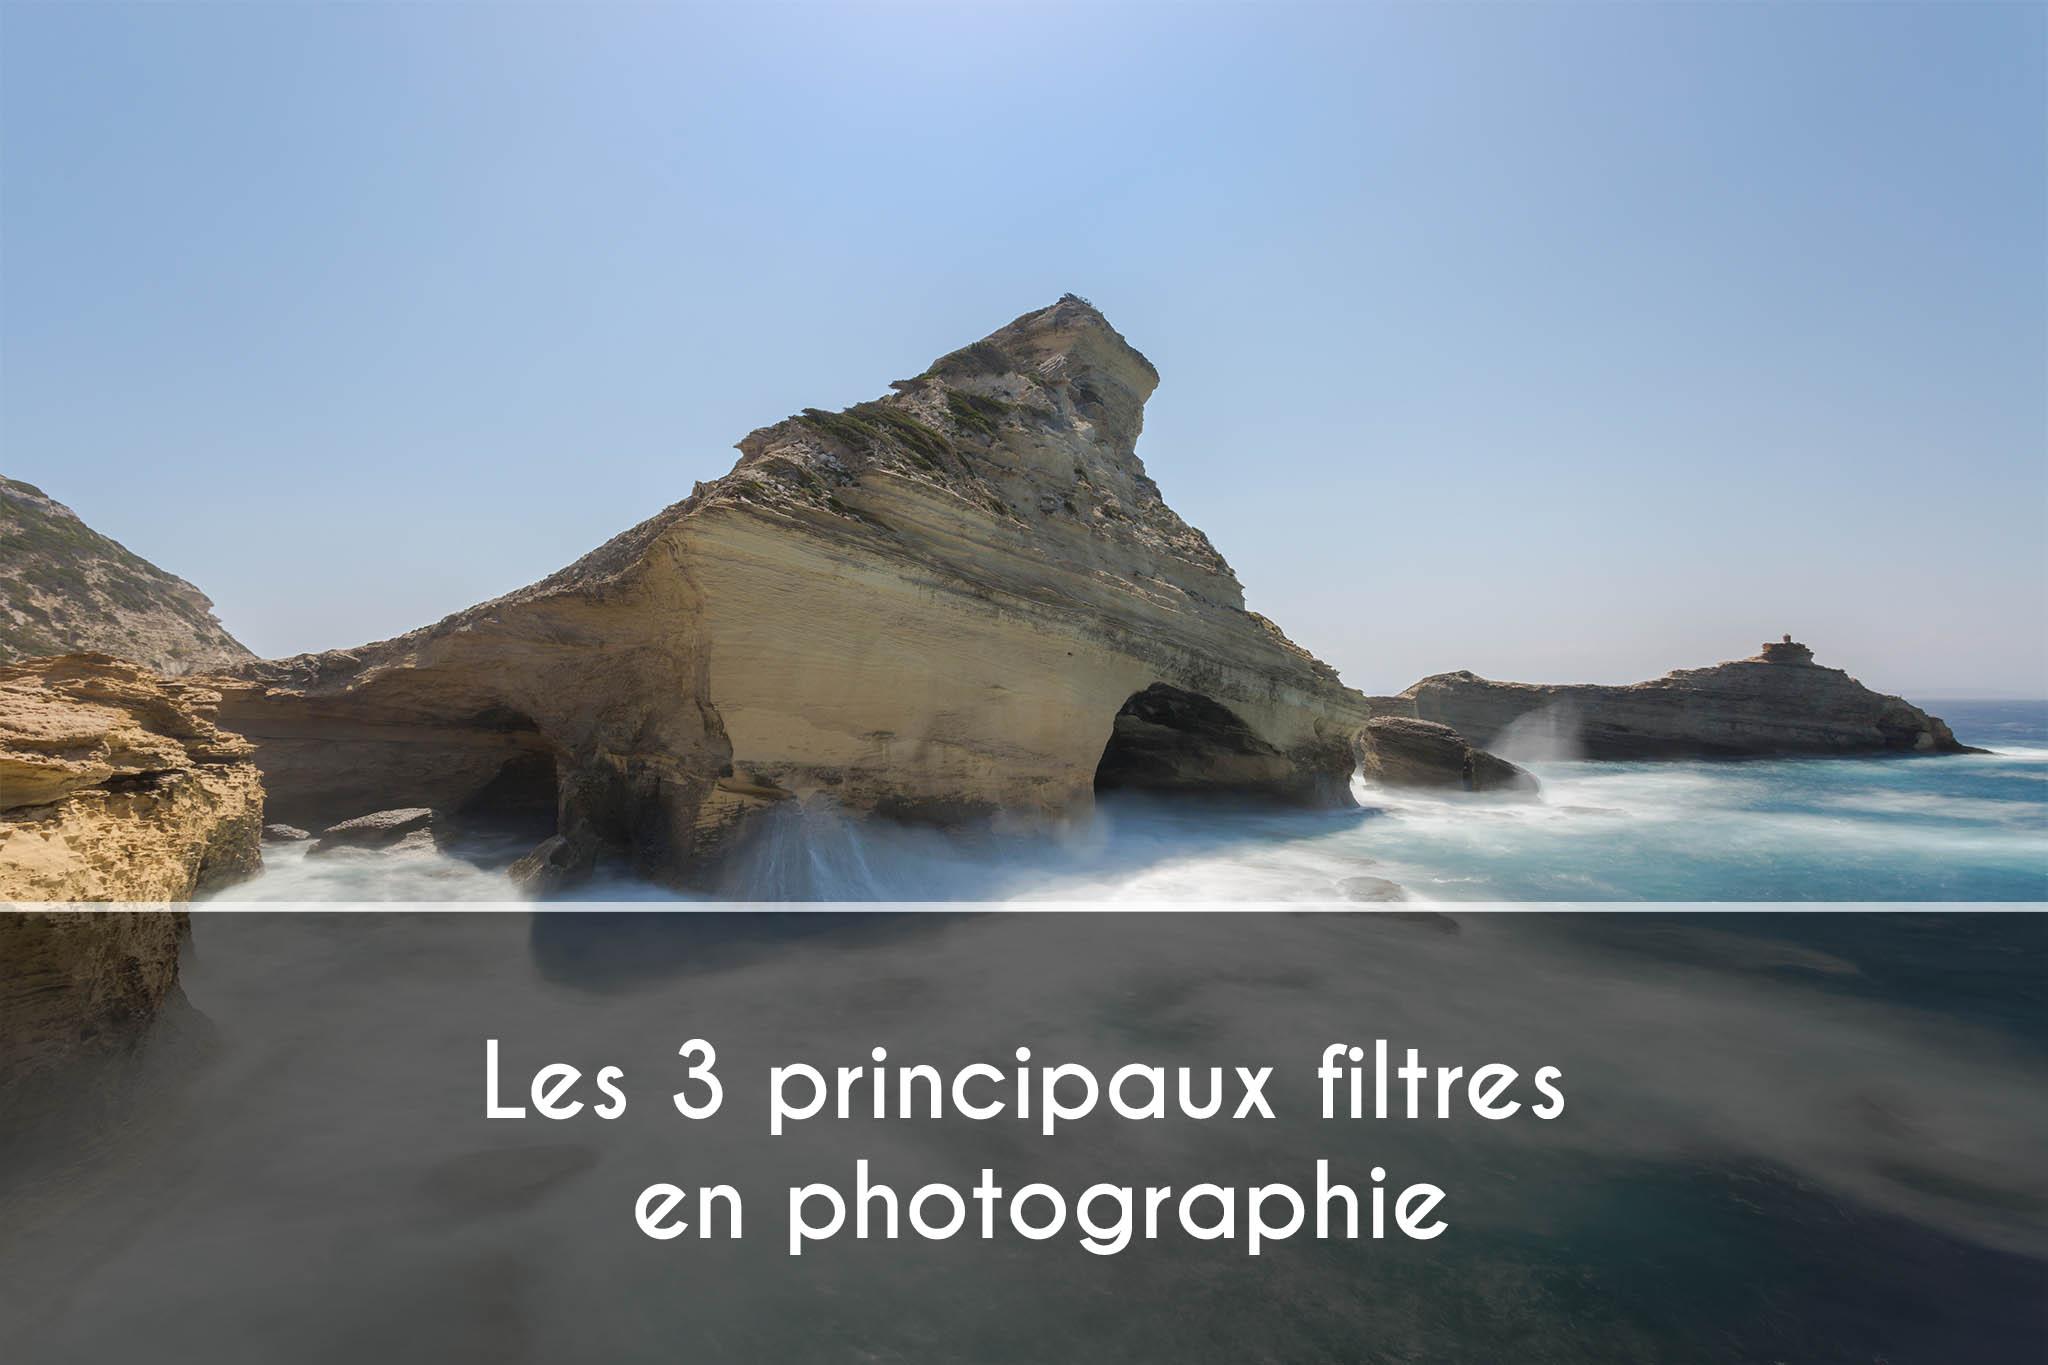 Les 3 principaux filtres en photographie